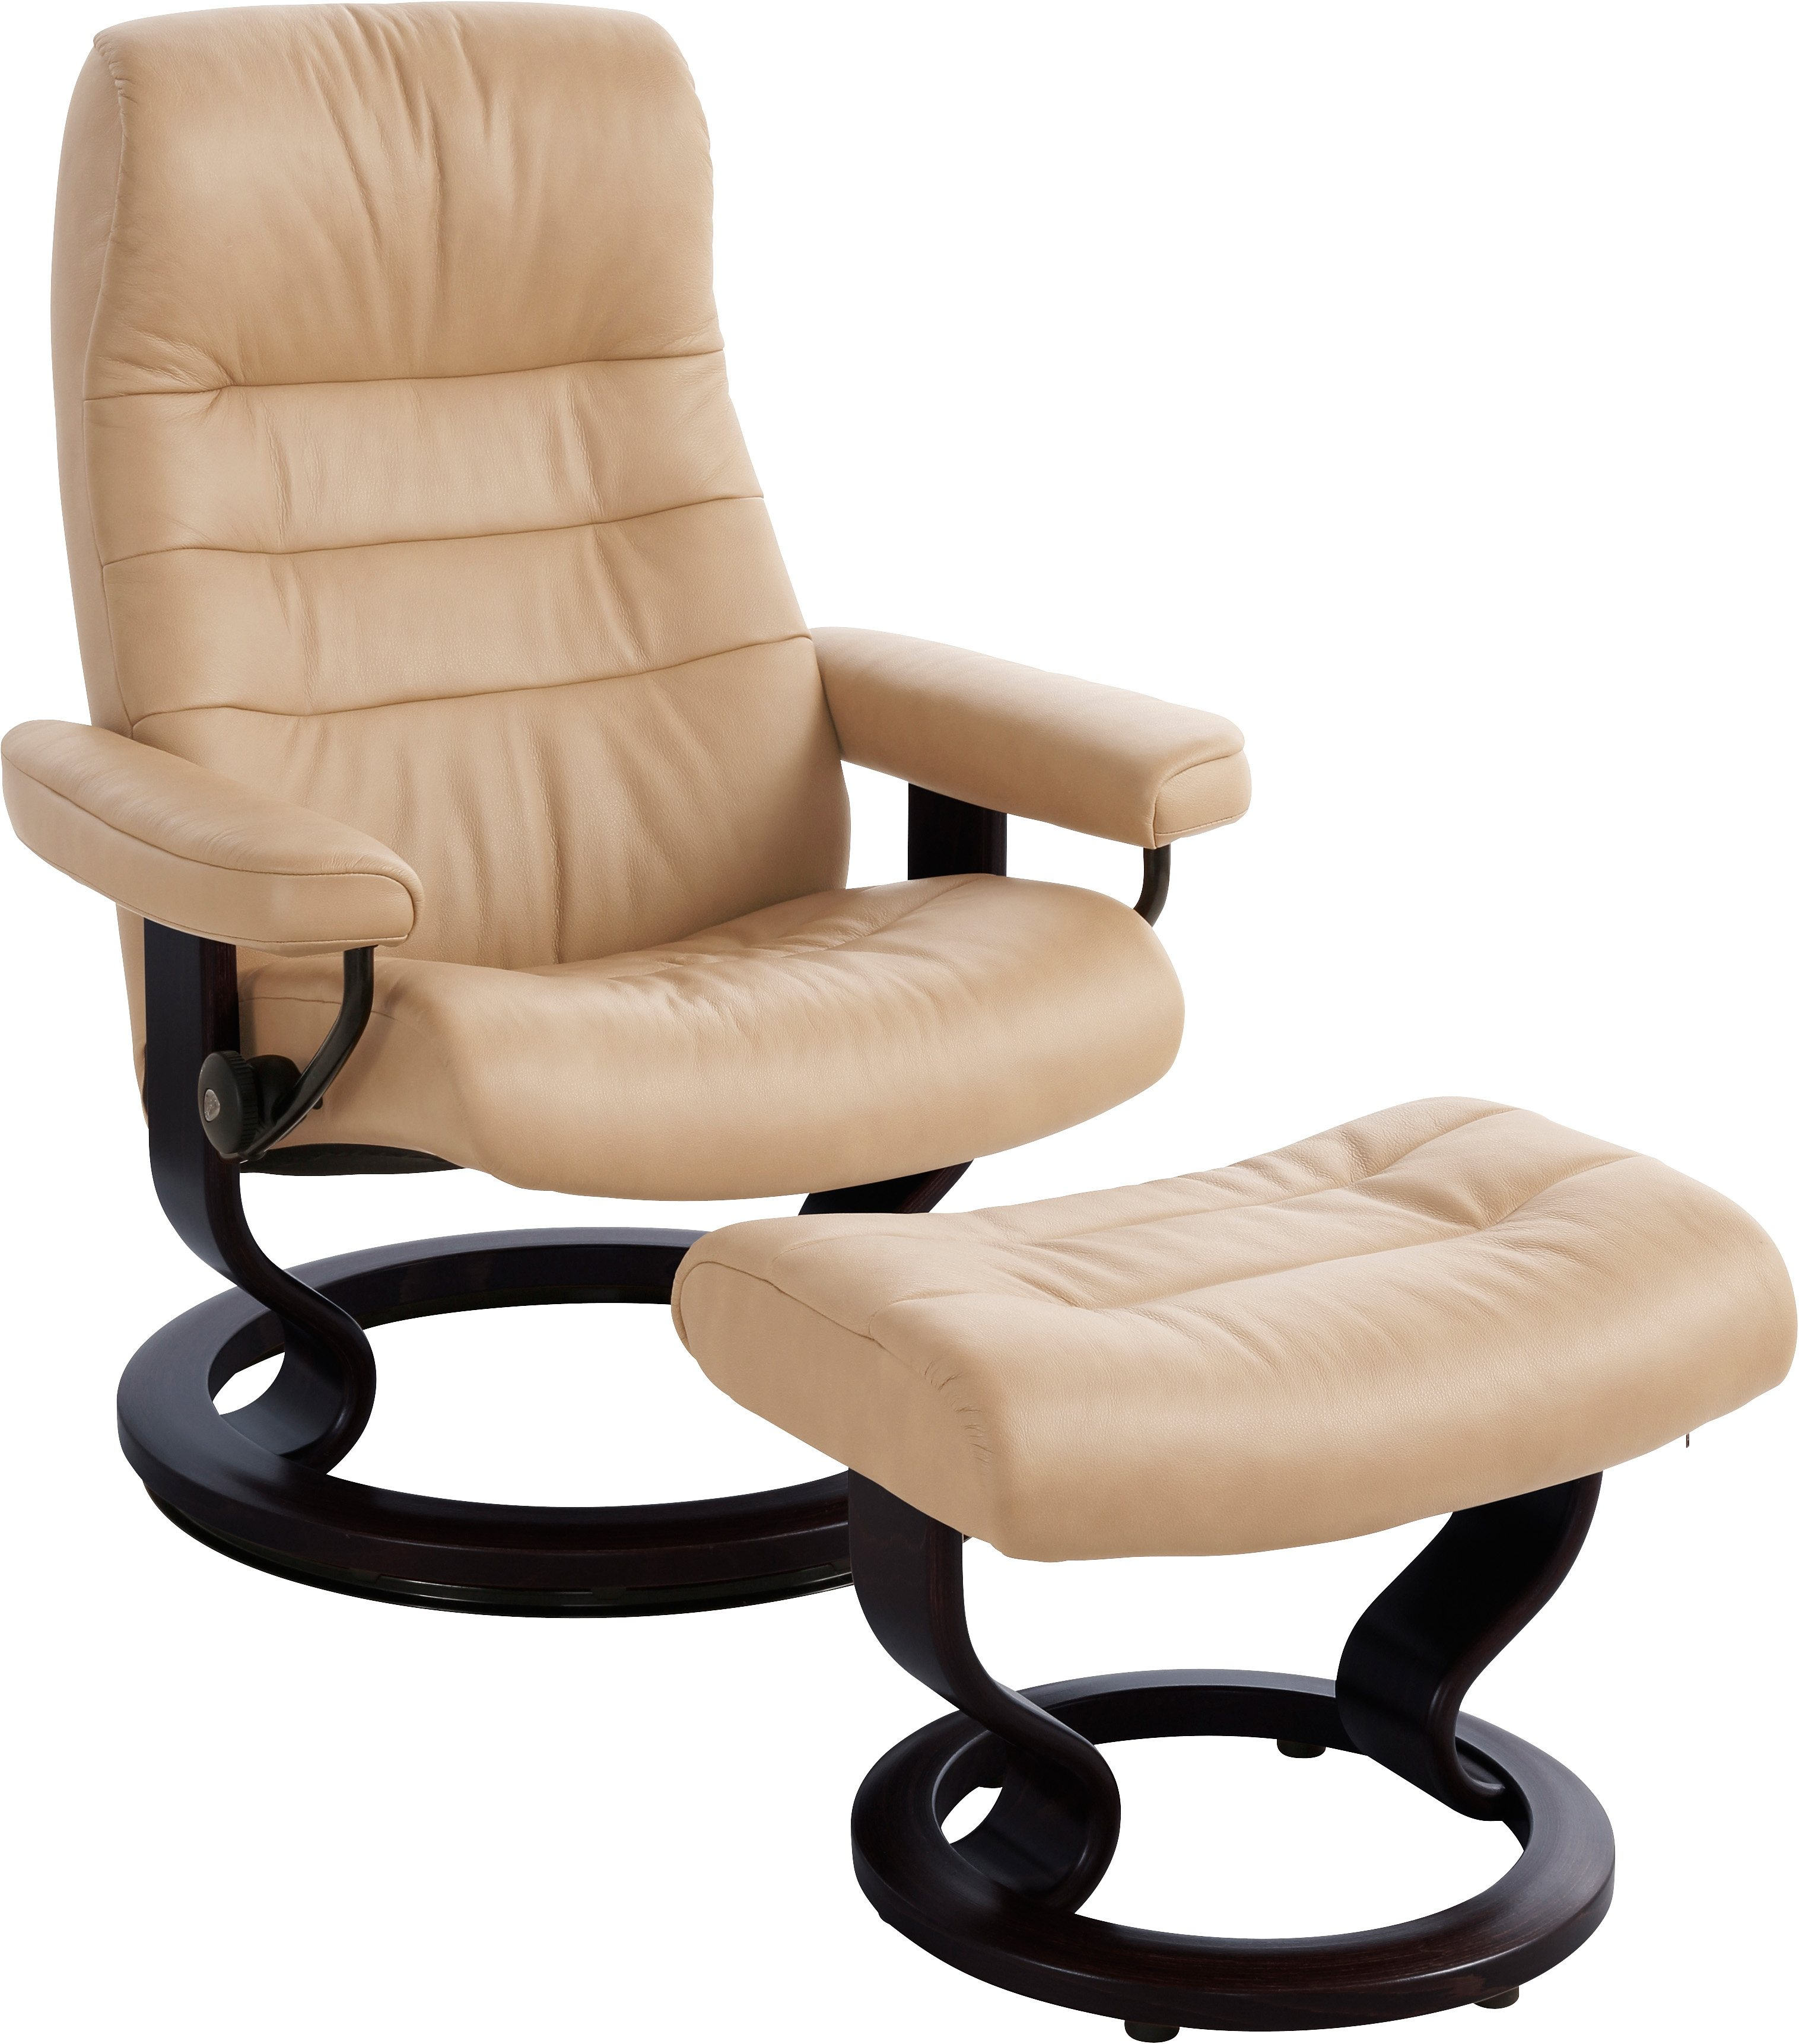 Stressless Sitzhocker Online Kaufen Möbel Suchmaschine